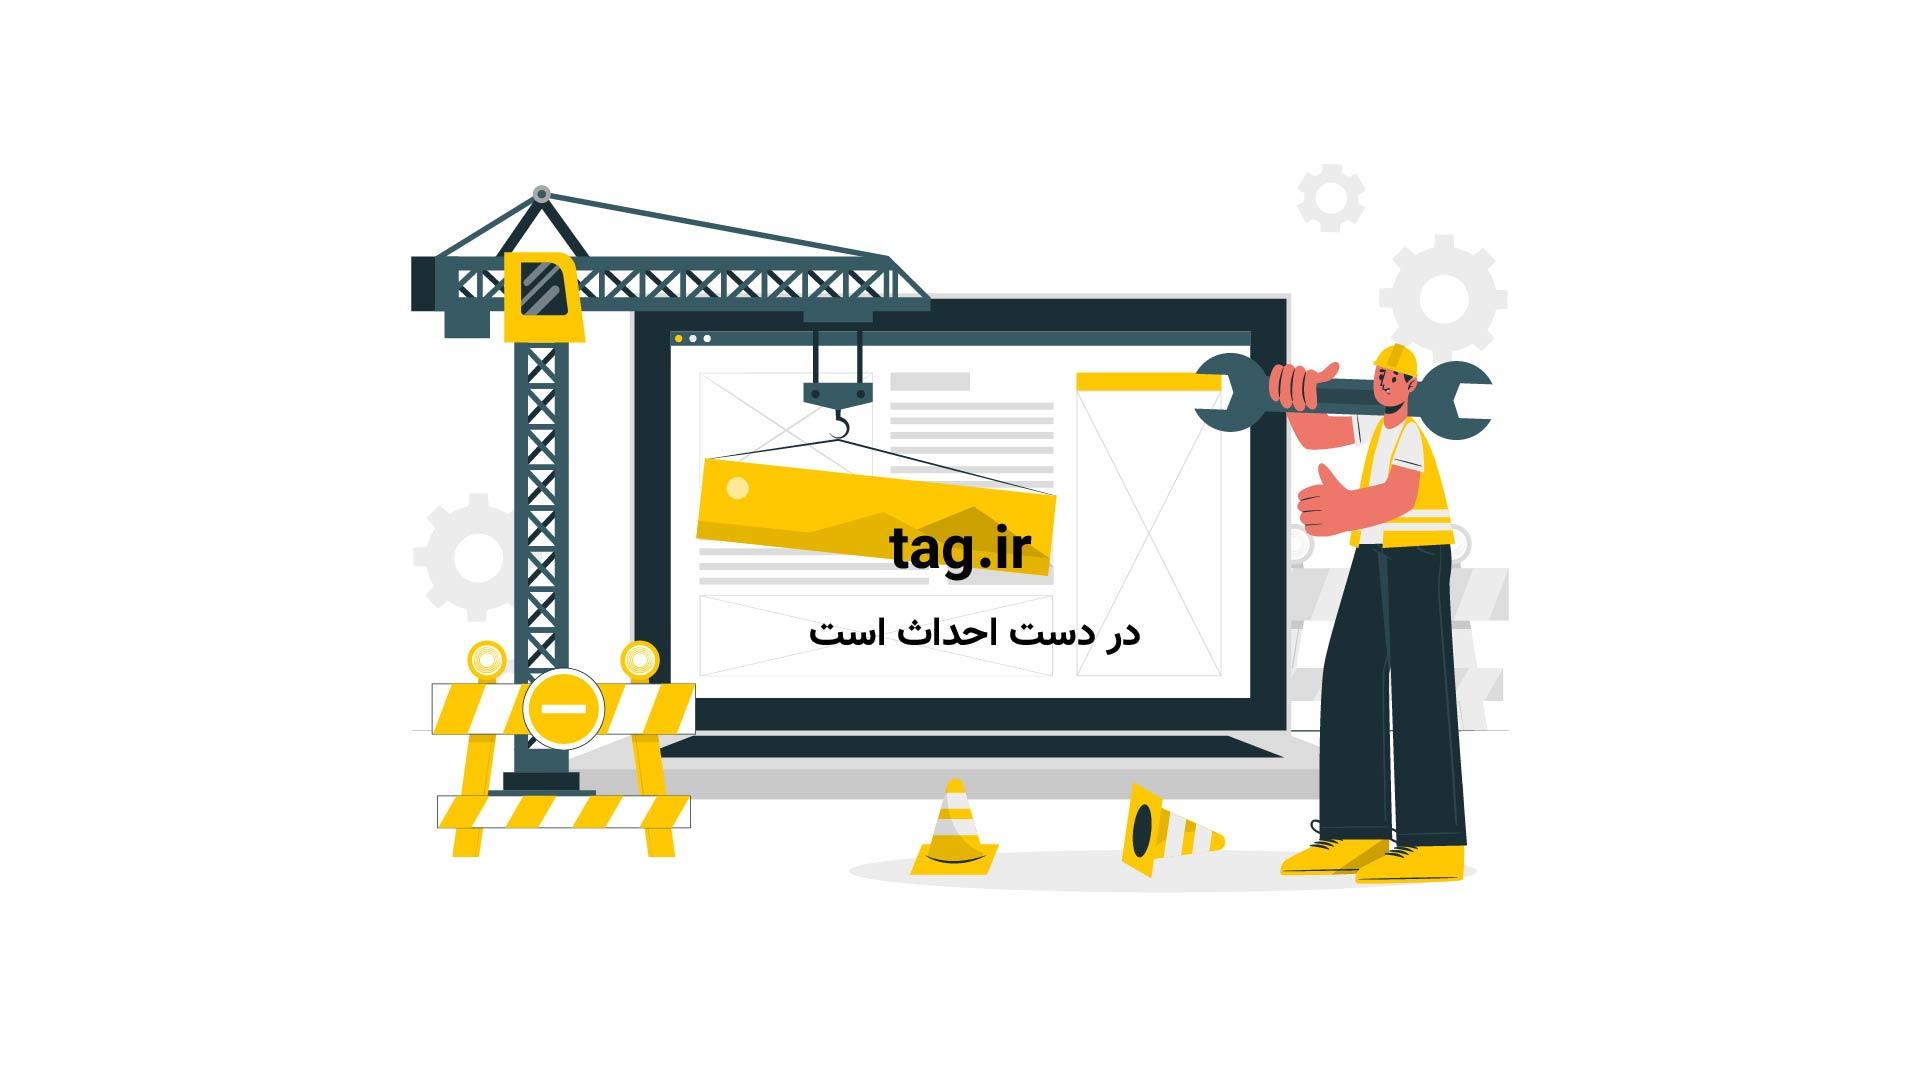 عناوین روزنامههای صبح چهارشنبه 15 شهریور | فیلم